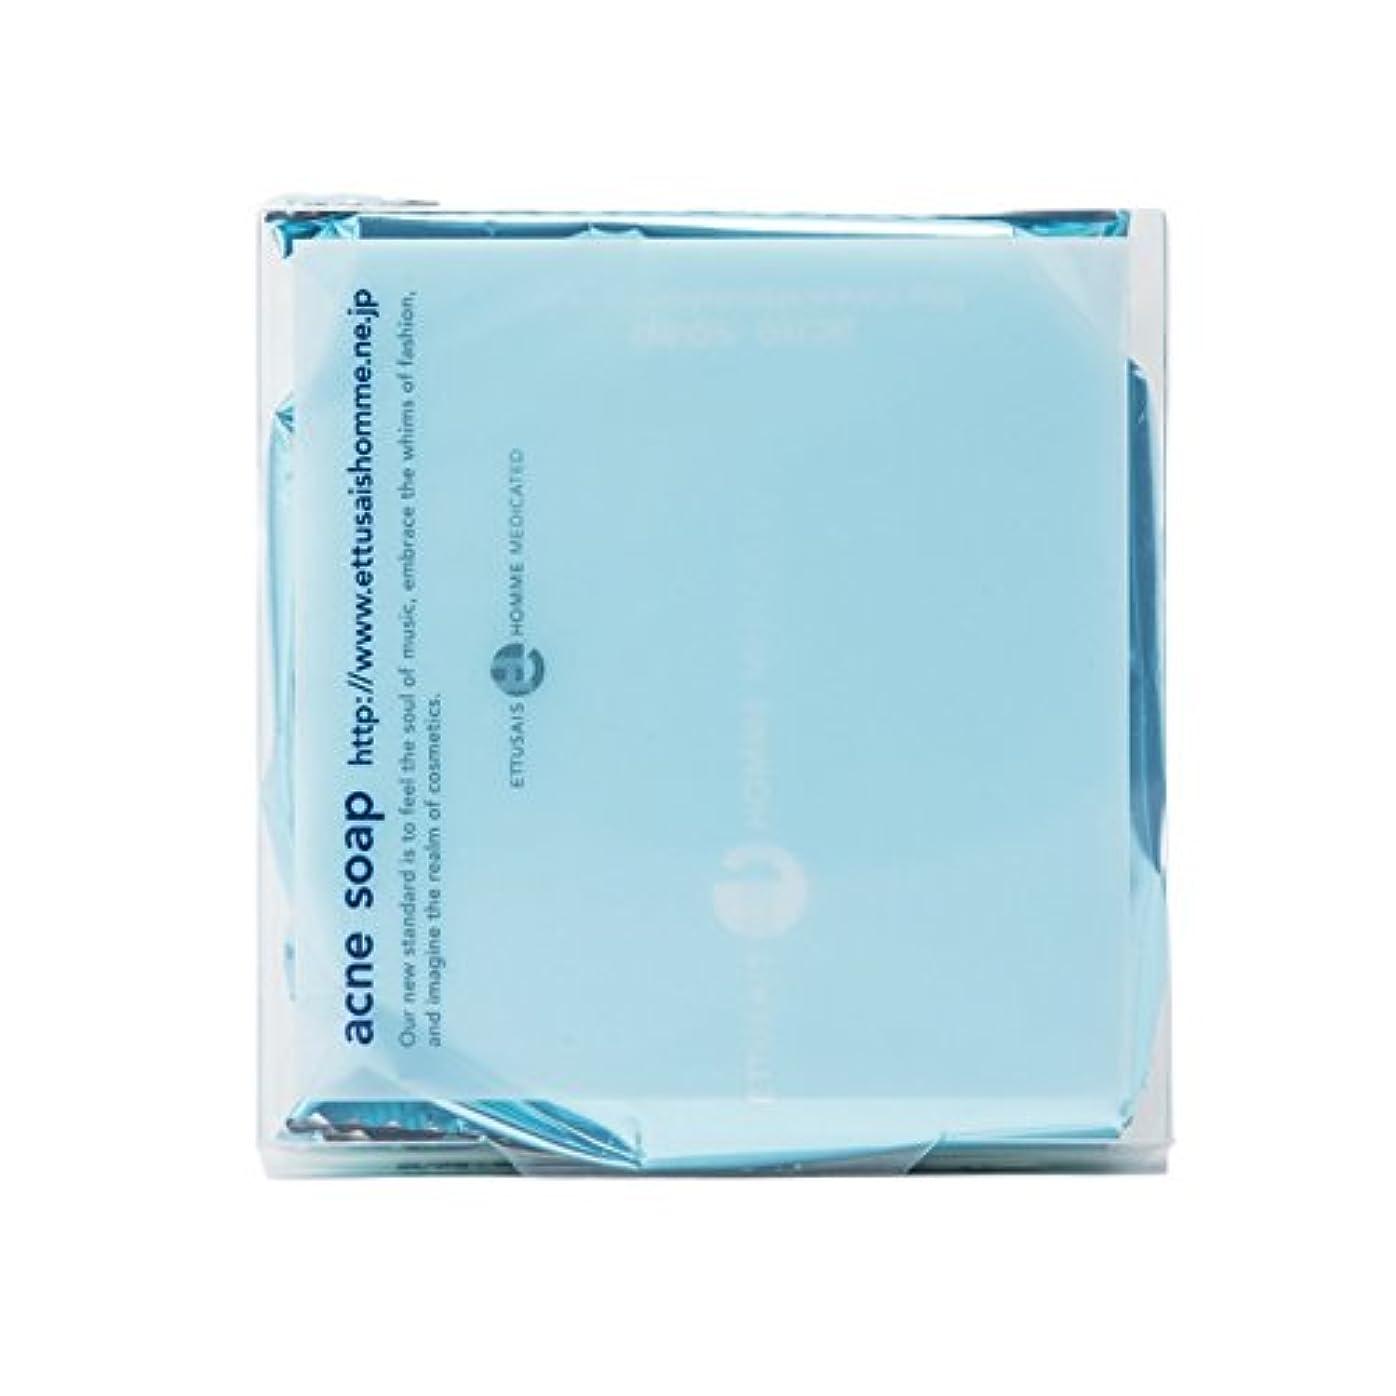 のりうまくやる()上昇[医薬部外品] エテュセ オム 薬用アクネ ソープ 薬用石けん 100g